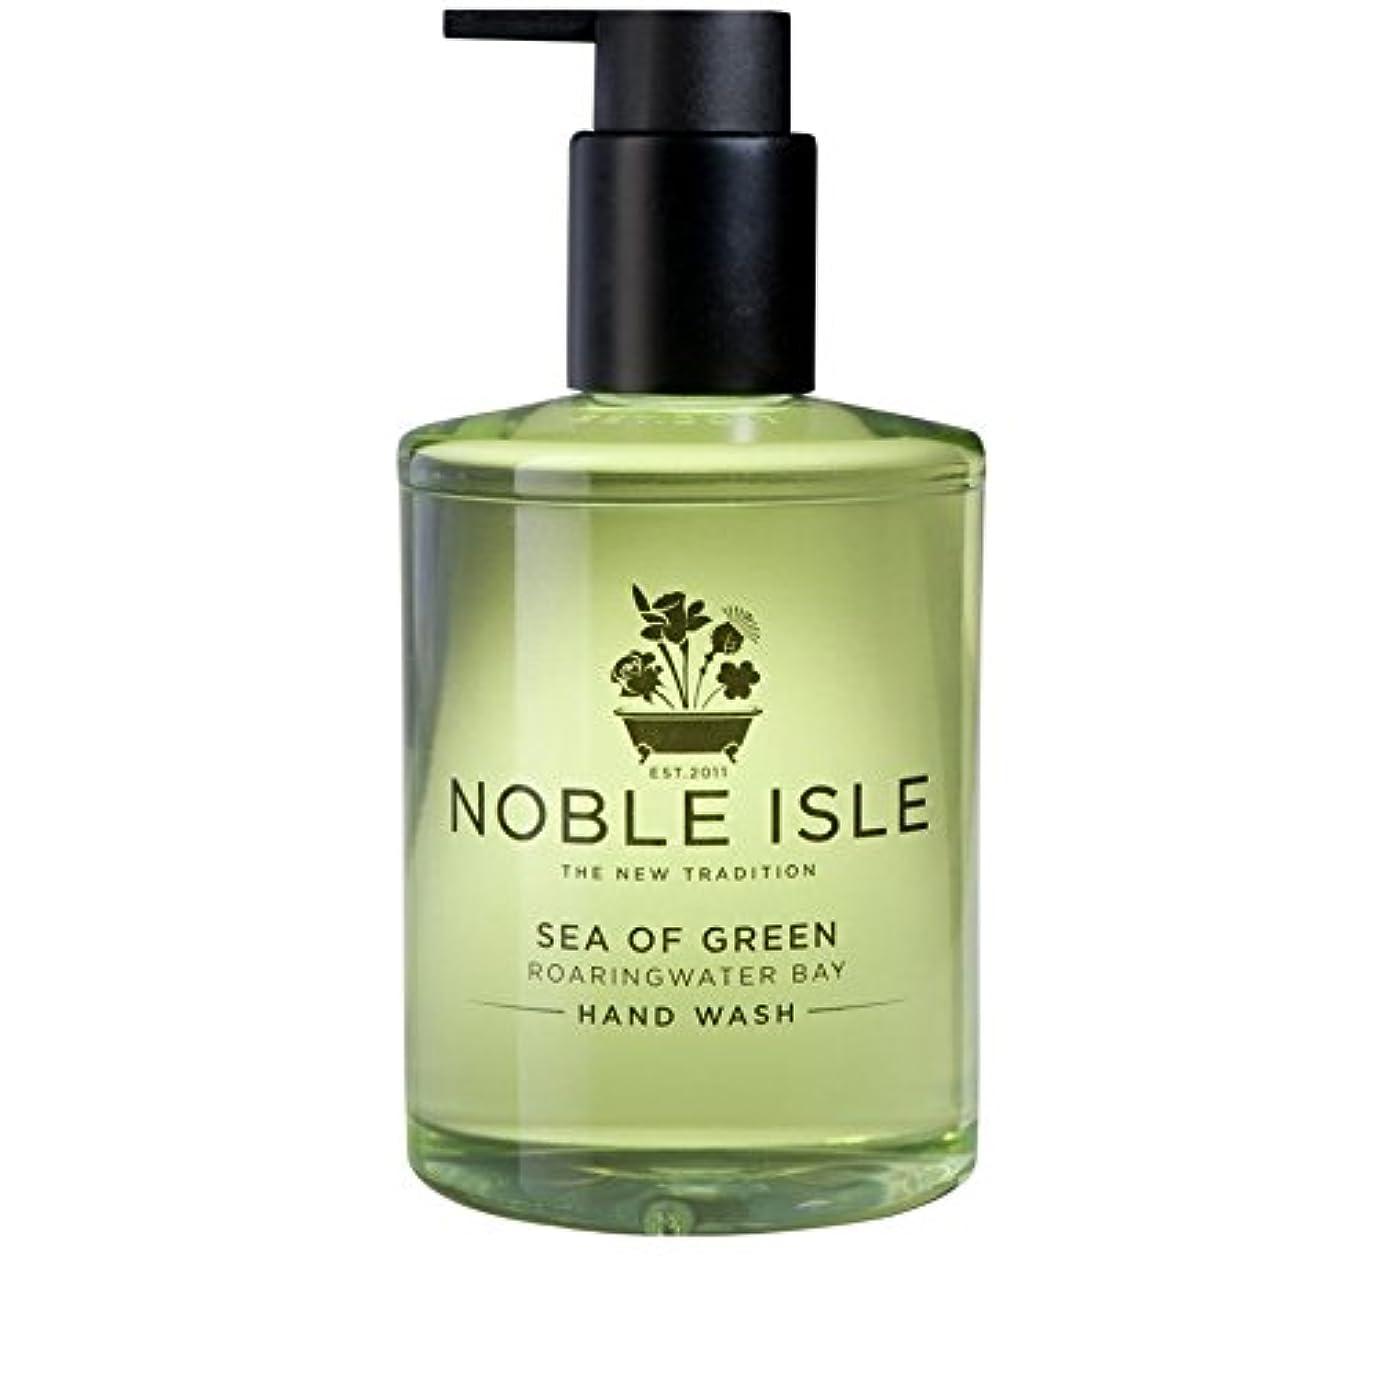 スペース一時的契約した緑ベイハンドウォッシュ250ミリリットルの高貴な島の海 x2 - Noble Isle Sea of Green Roaringwater Bay Hand Wash 250ml (Pack of 2) [並行輸入品]